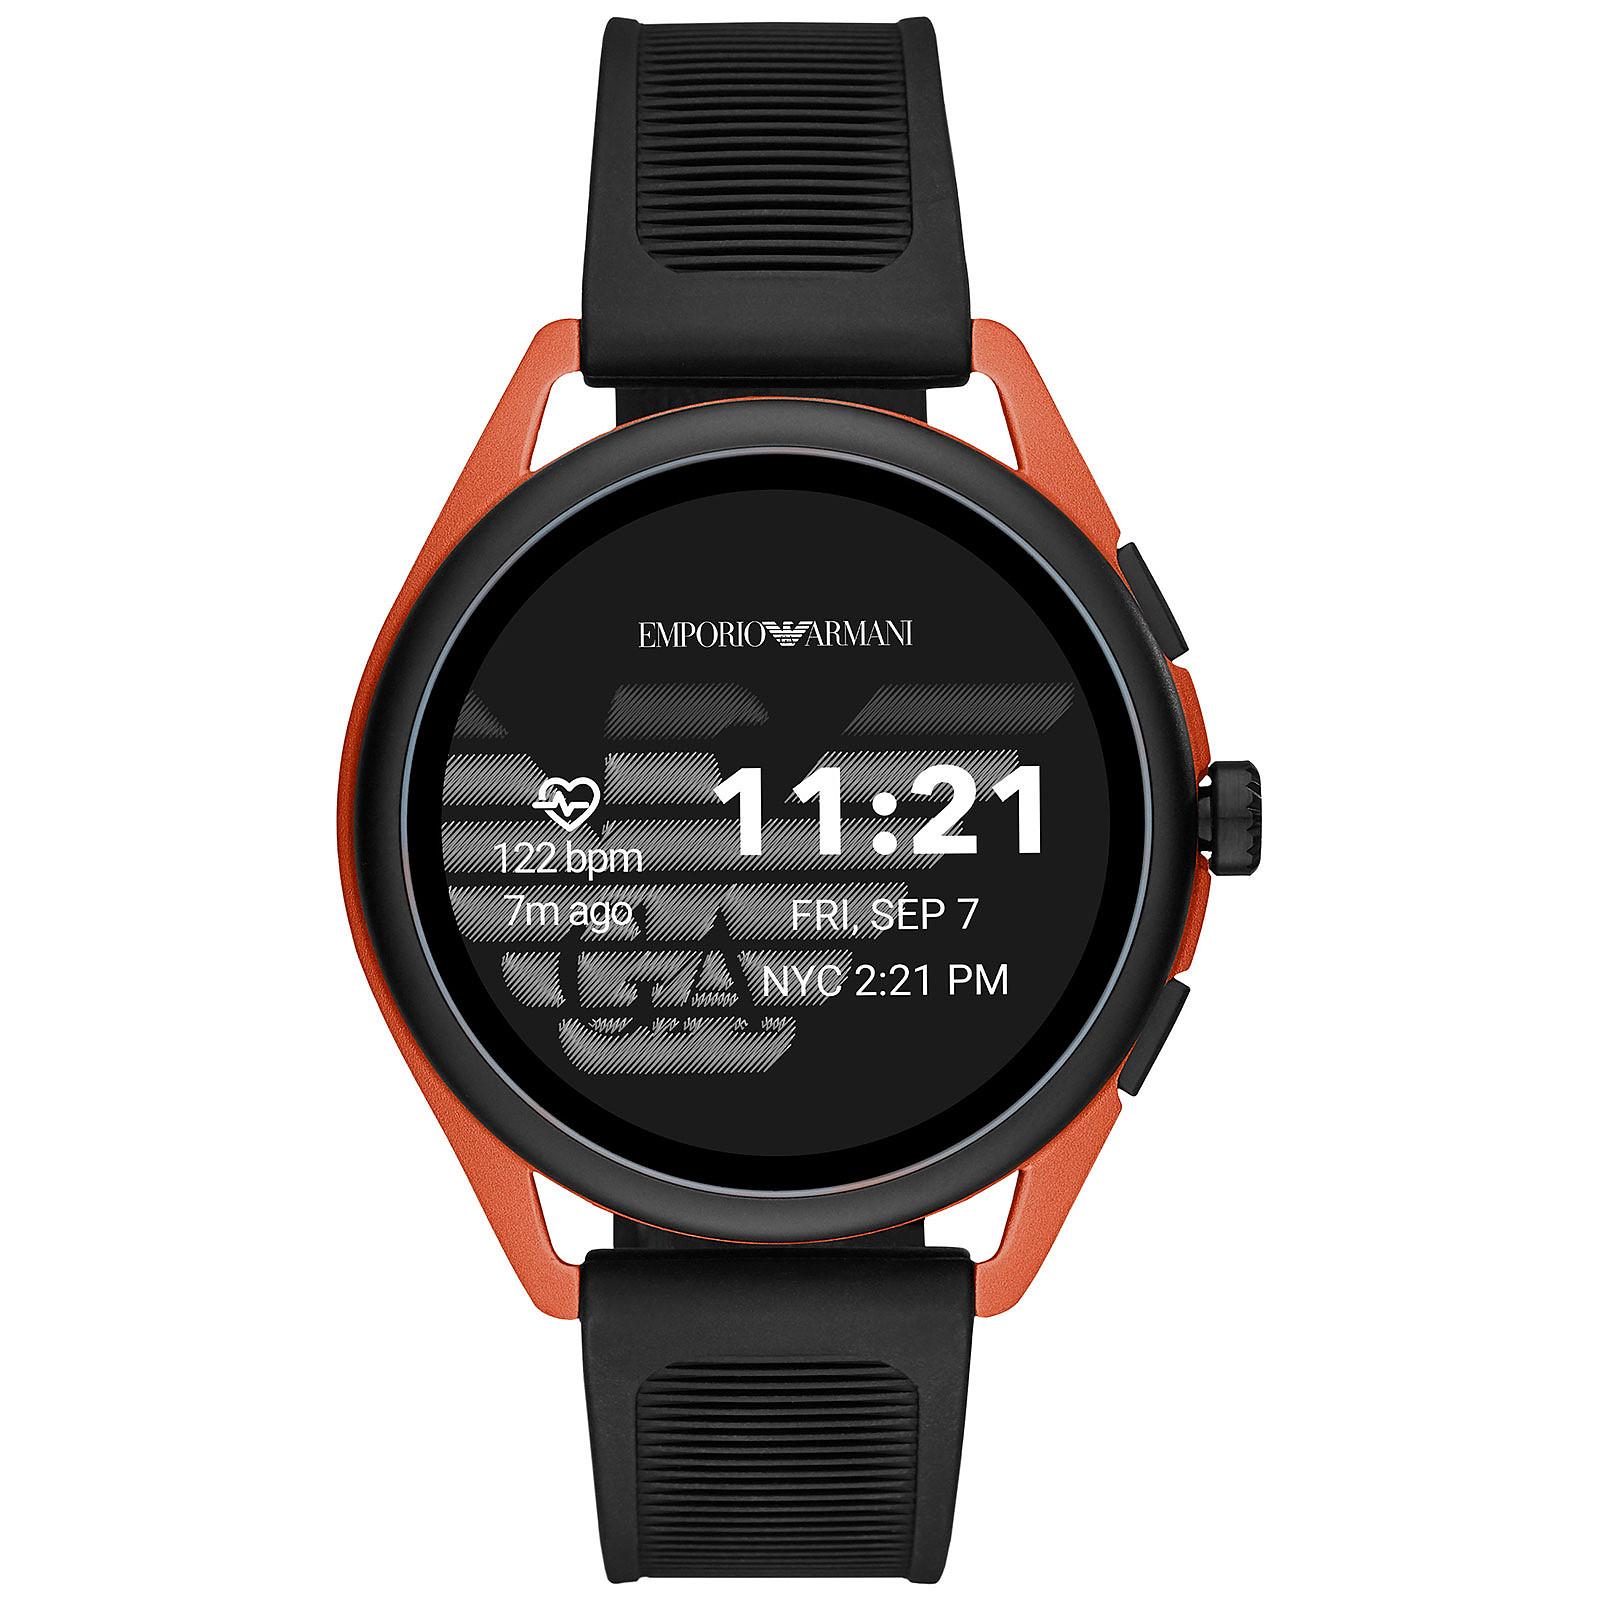 Emporio Armani Connected Smartwatch 3 Gen.5 (44.5 mm / Caoutchouc / Noir et Orange)